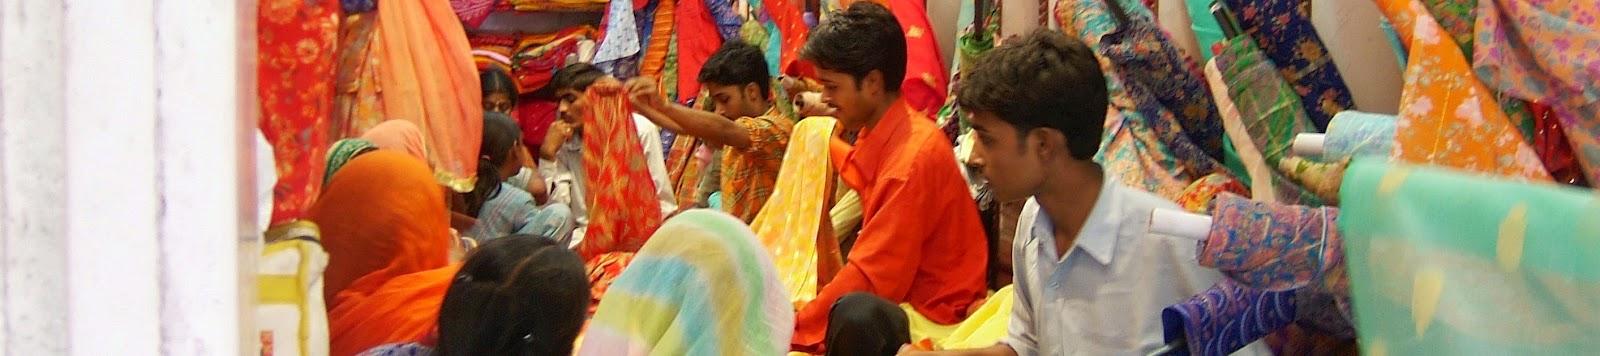 Indian People.JPG